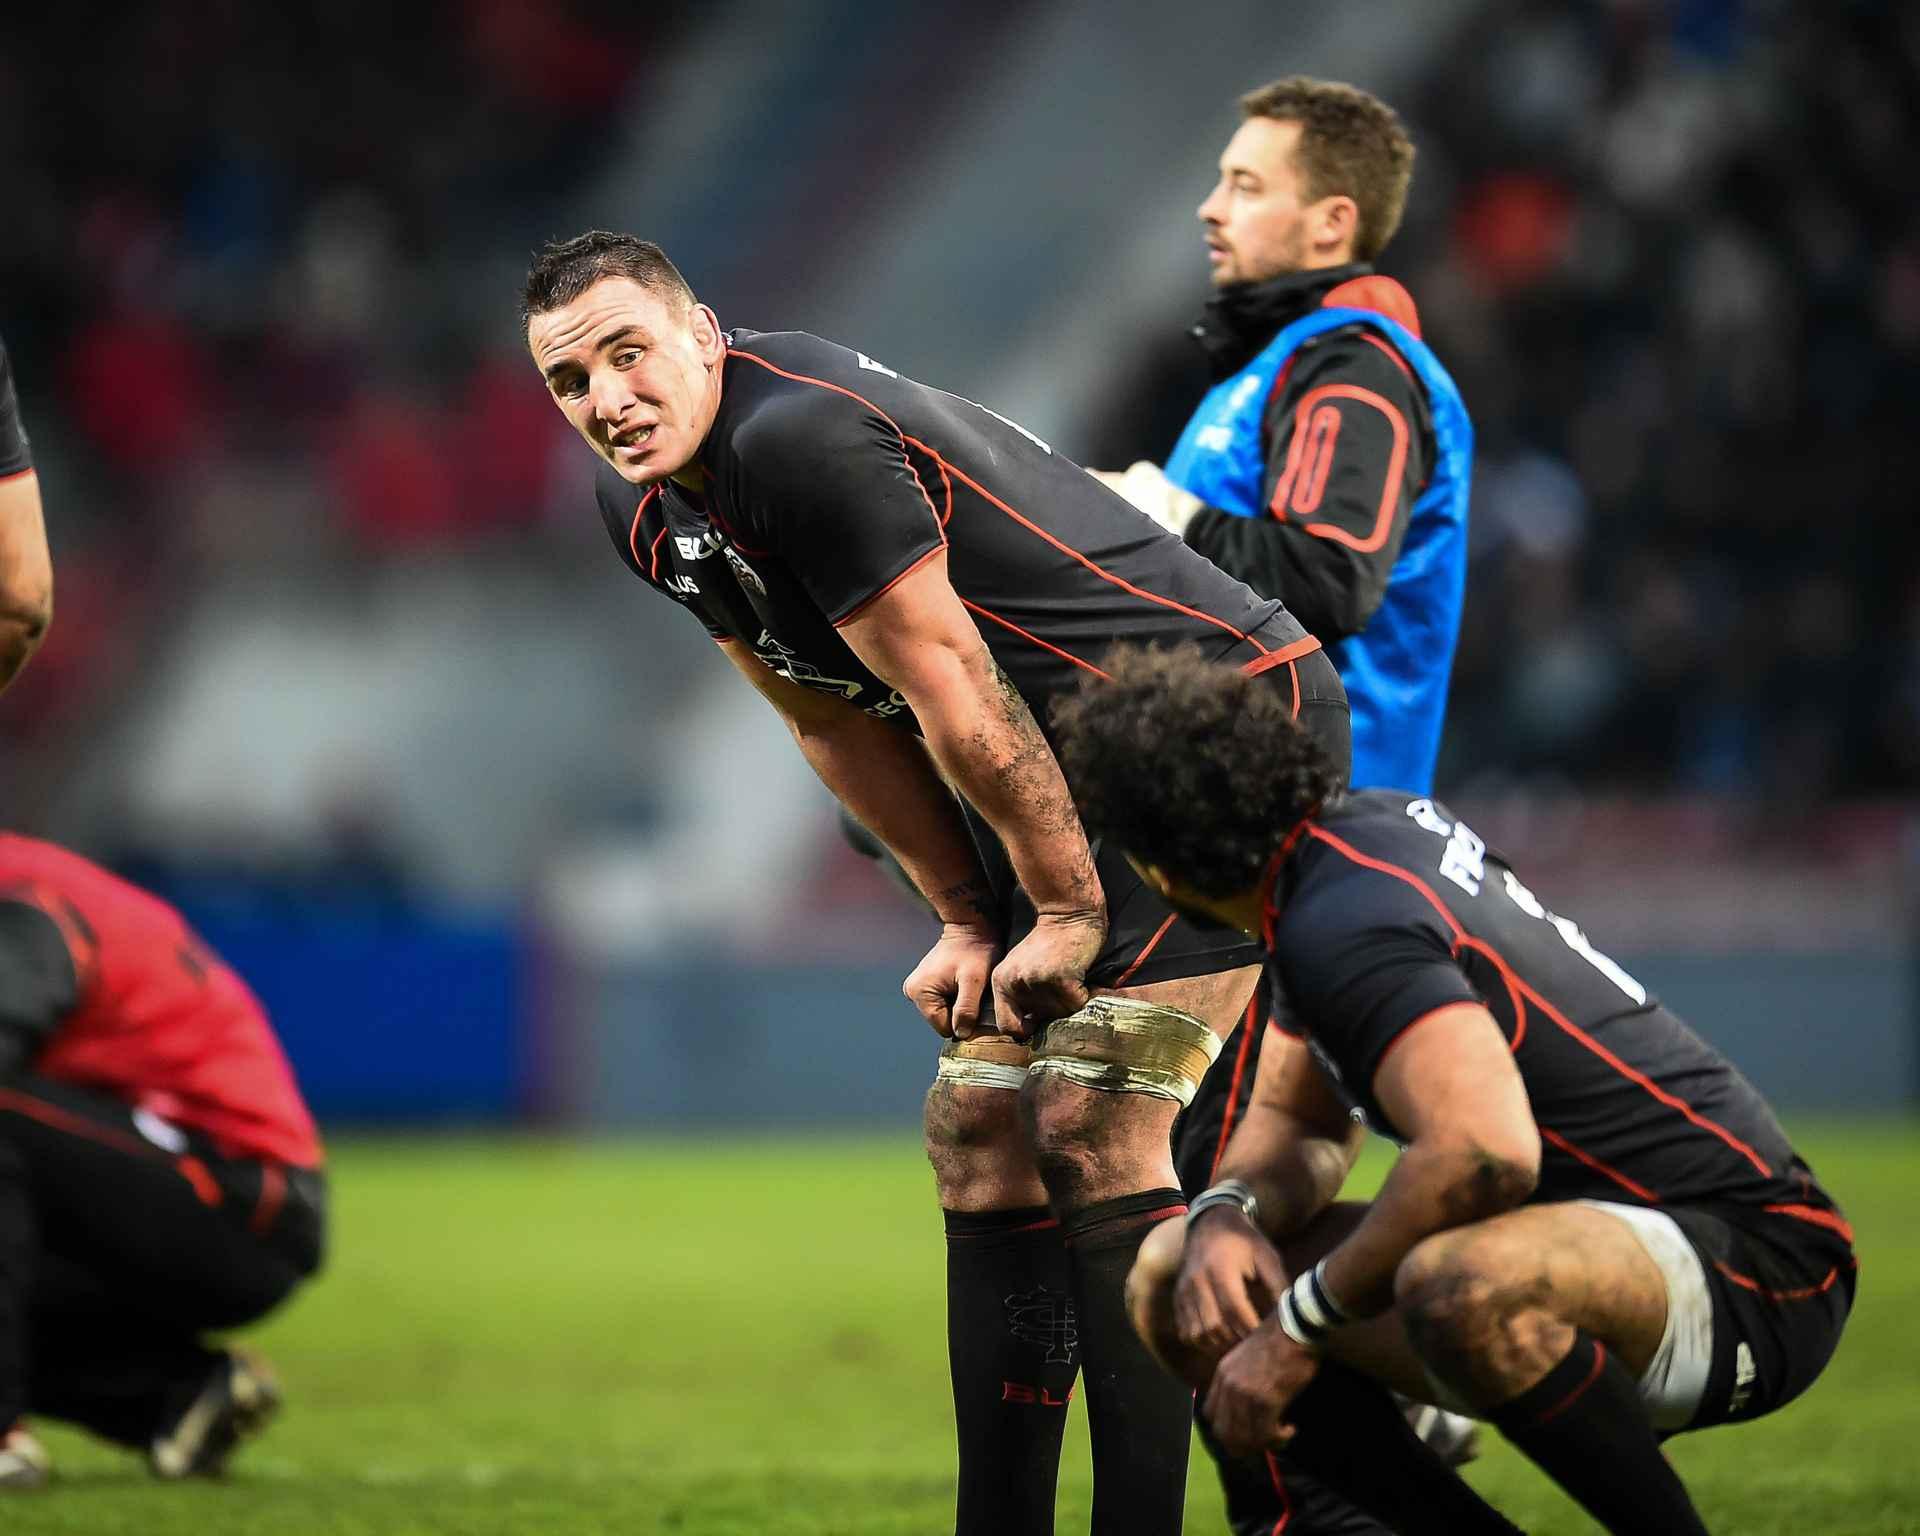 Xv de france picamoles attend la liste contre l 39 italie comme n importe quel passionn de rugby - Resultat coupe d europe de rugby en direct ...